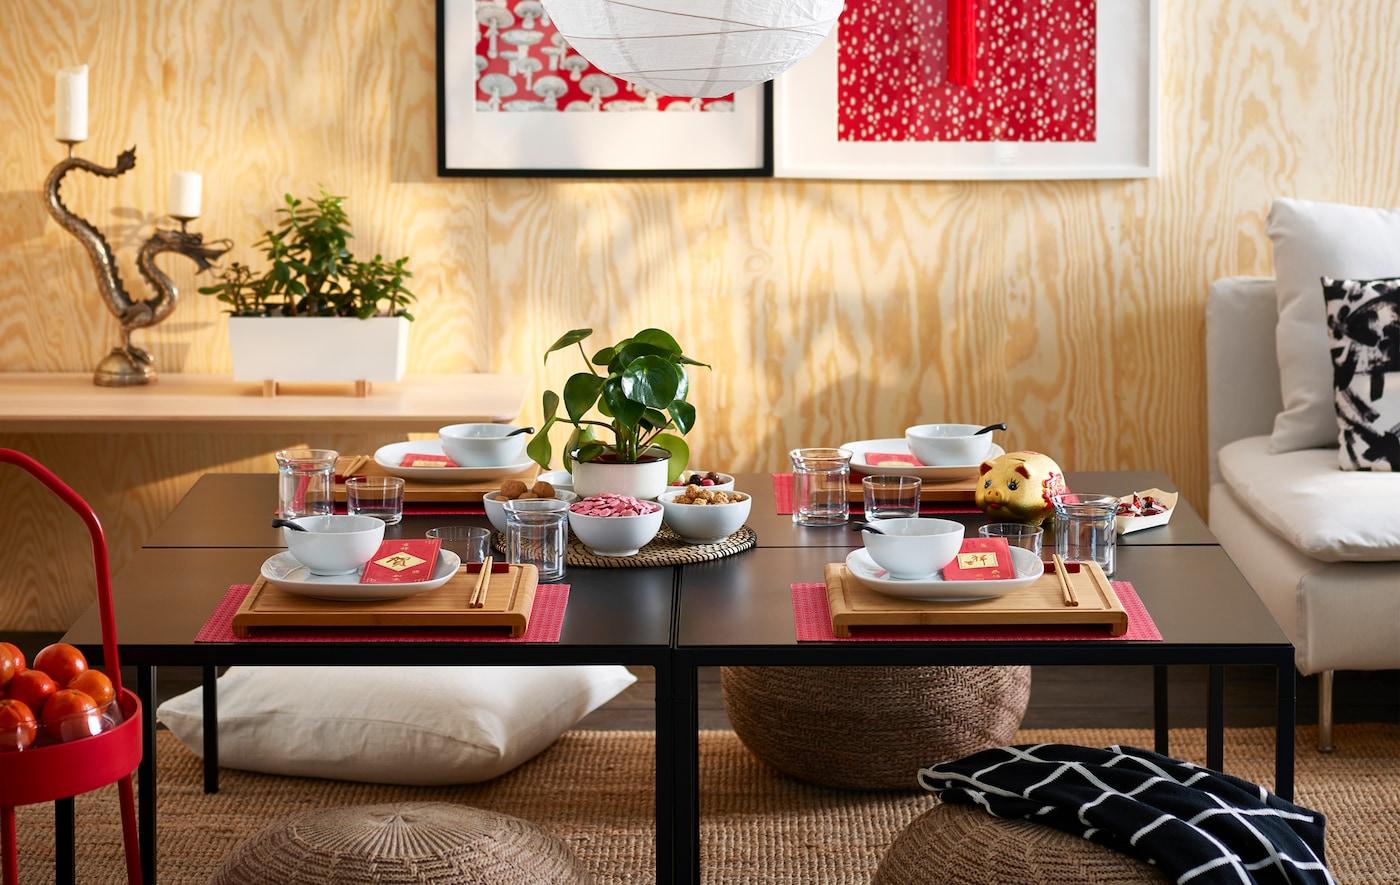 Colocar as tábuas de cortar RIMFORSA em bambu na mesa é uma excelente forma de criar o ambiente perfeito.